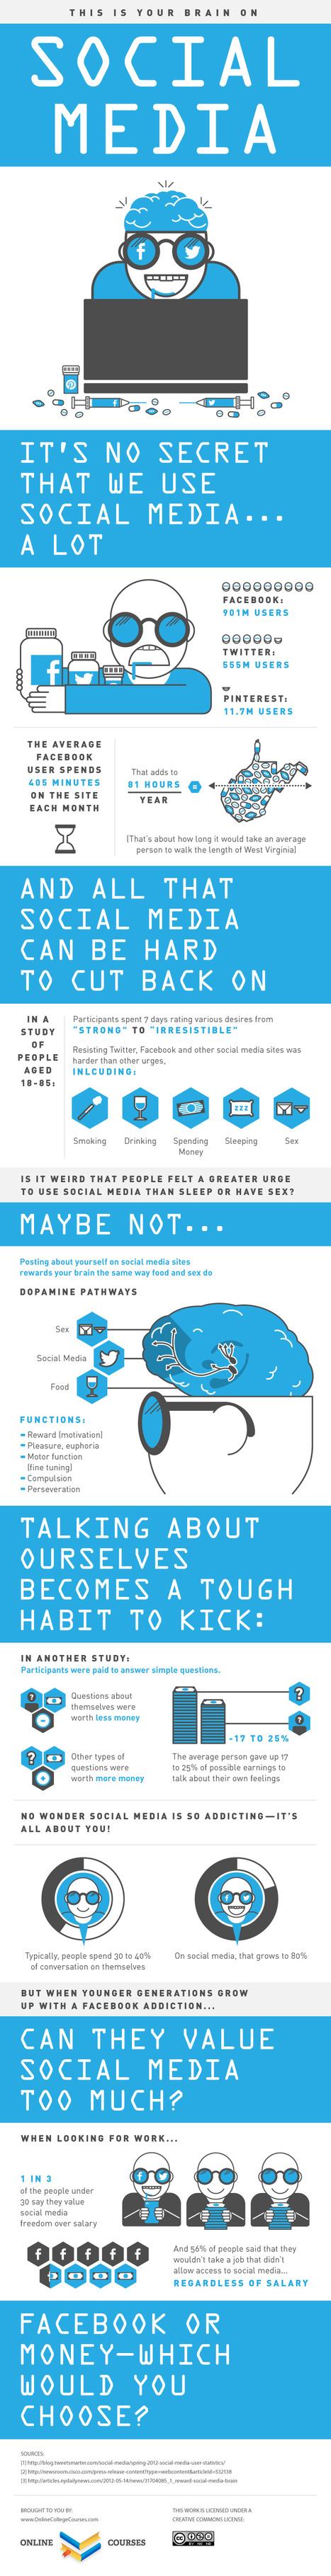 The Impact of Social Media on our Brain [Infographic] | Sociologie du numérique et Humanité technologique | Scoop.it